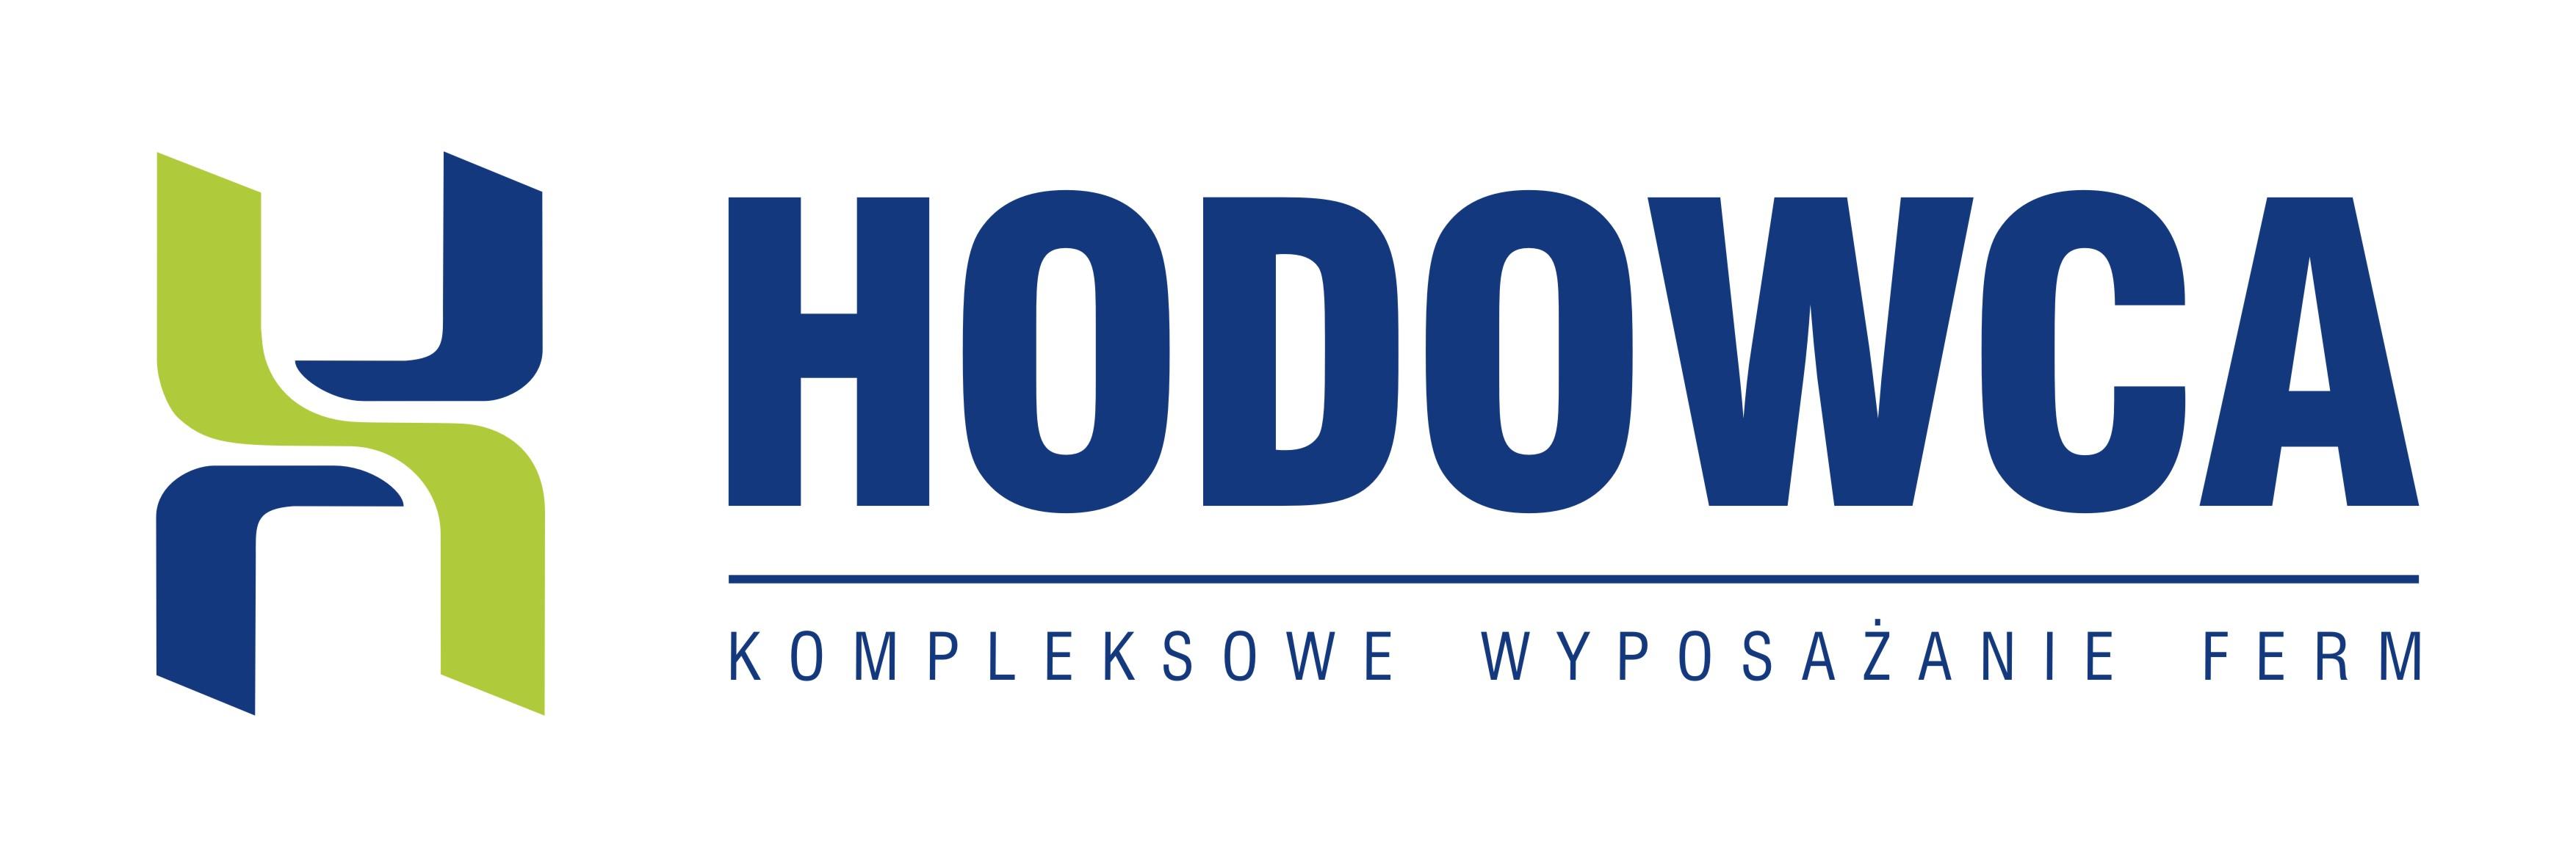 Hodowca logo